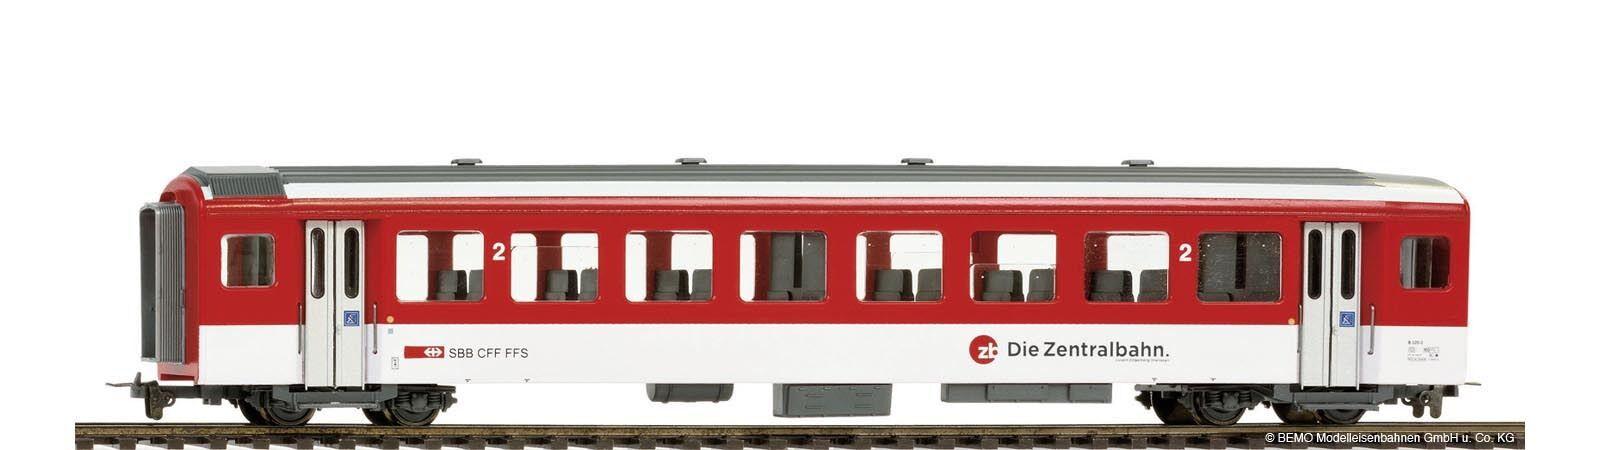 BEMO 3271475 vagoni B 315 unità carrello III ZB h0m